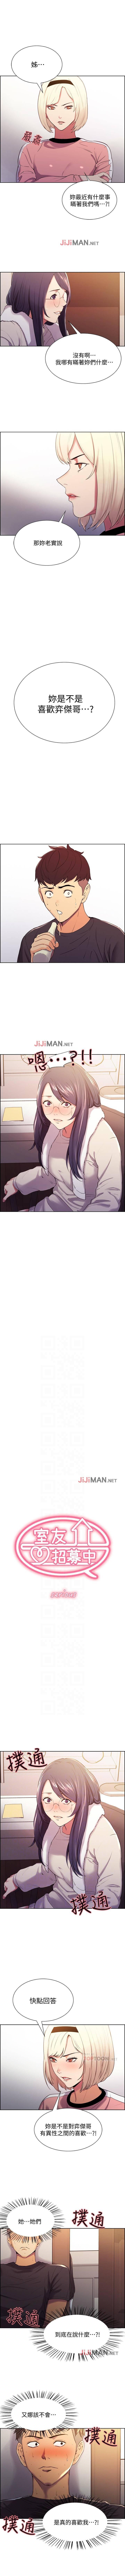 【周二连载】室友招募中(作者:Serious) 第1~15话 44